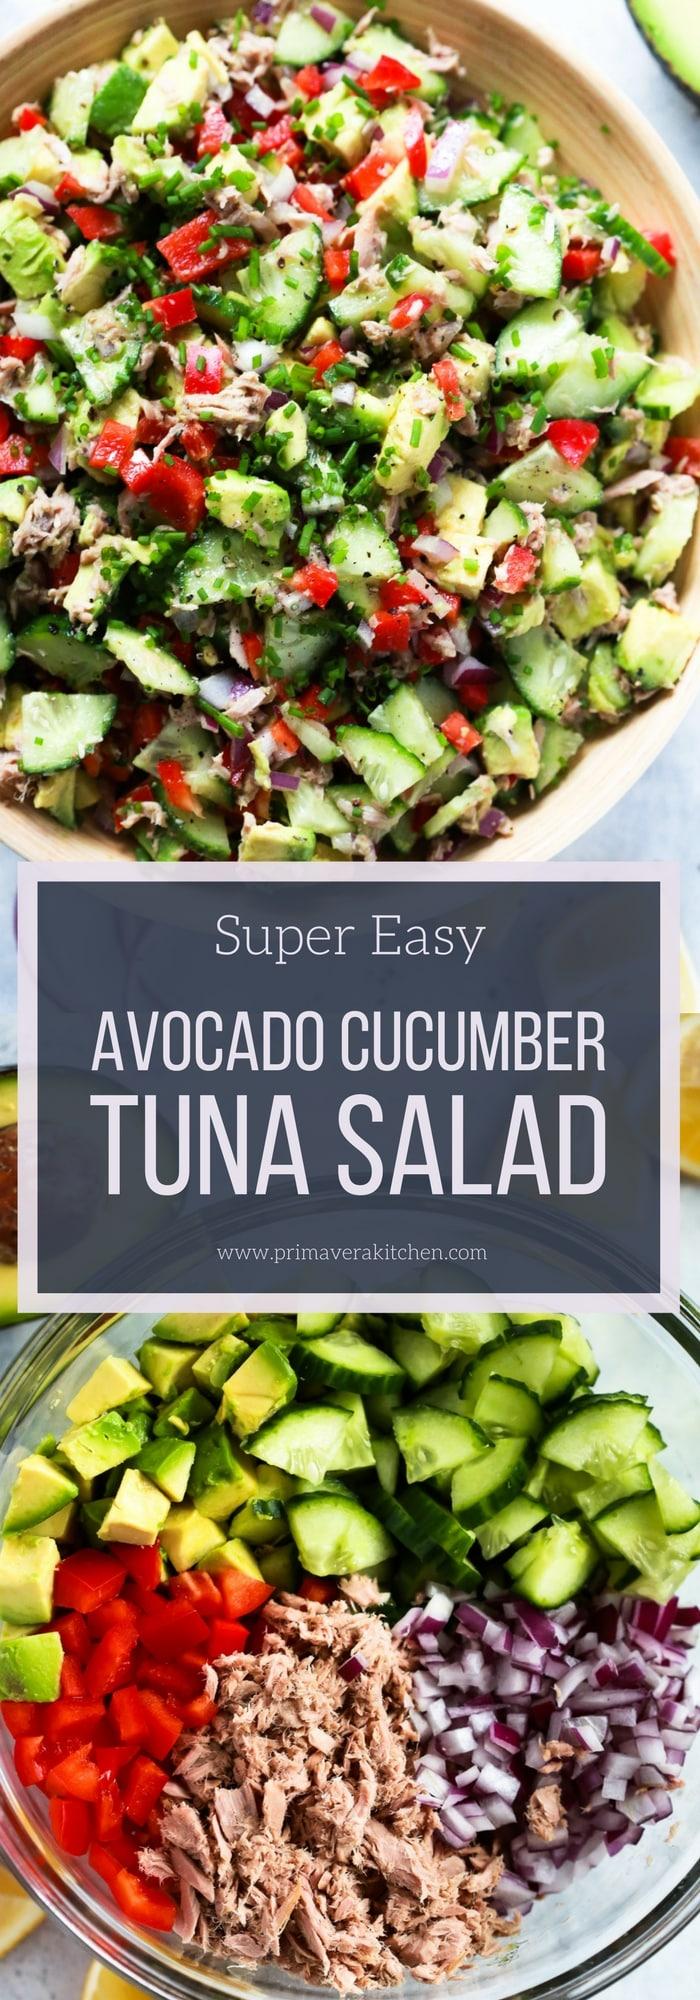 Super Easy Avocado Cucumber Tuna Salad - Primavera Kitchen